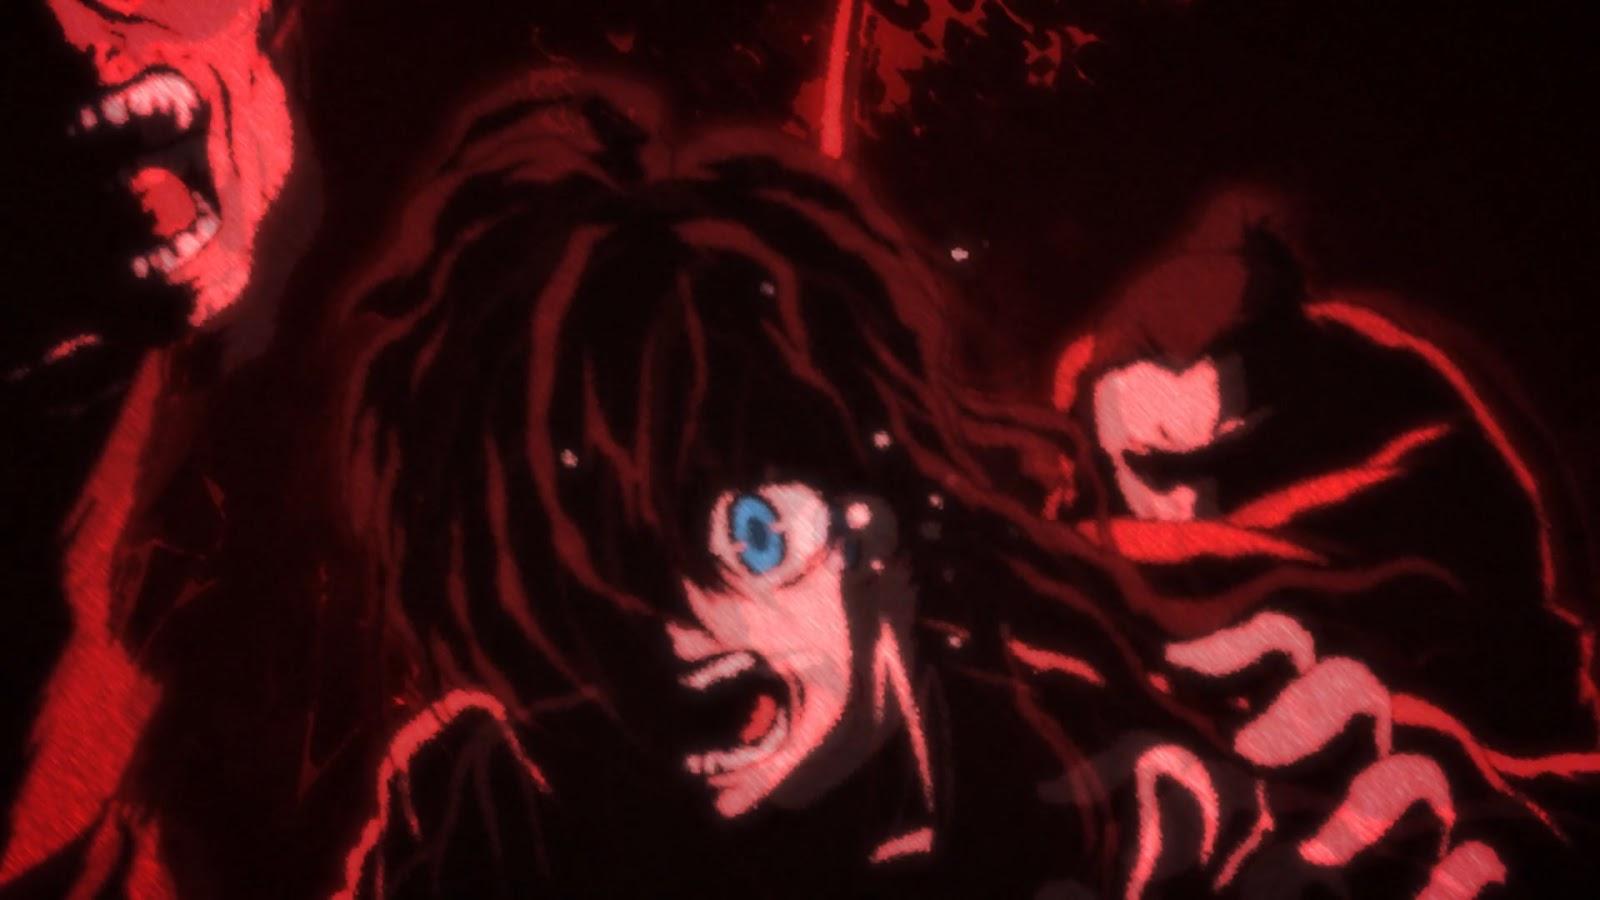 鬼太郎チャンネルゲゲゲの鬼太郎6期12話「首都壊滅!恐怖の妖怪獣」まな狸きた~~!!